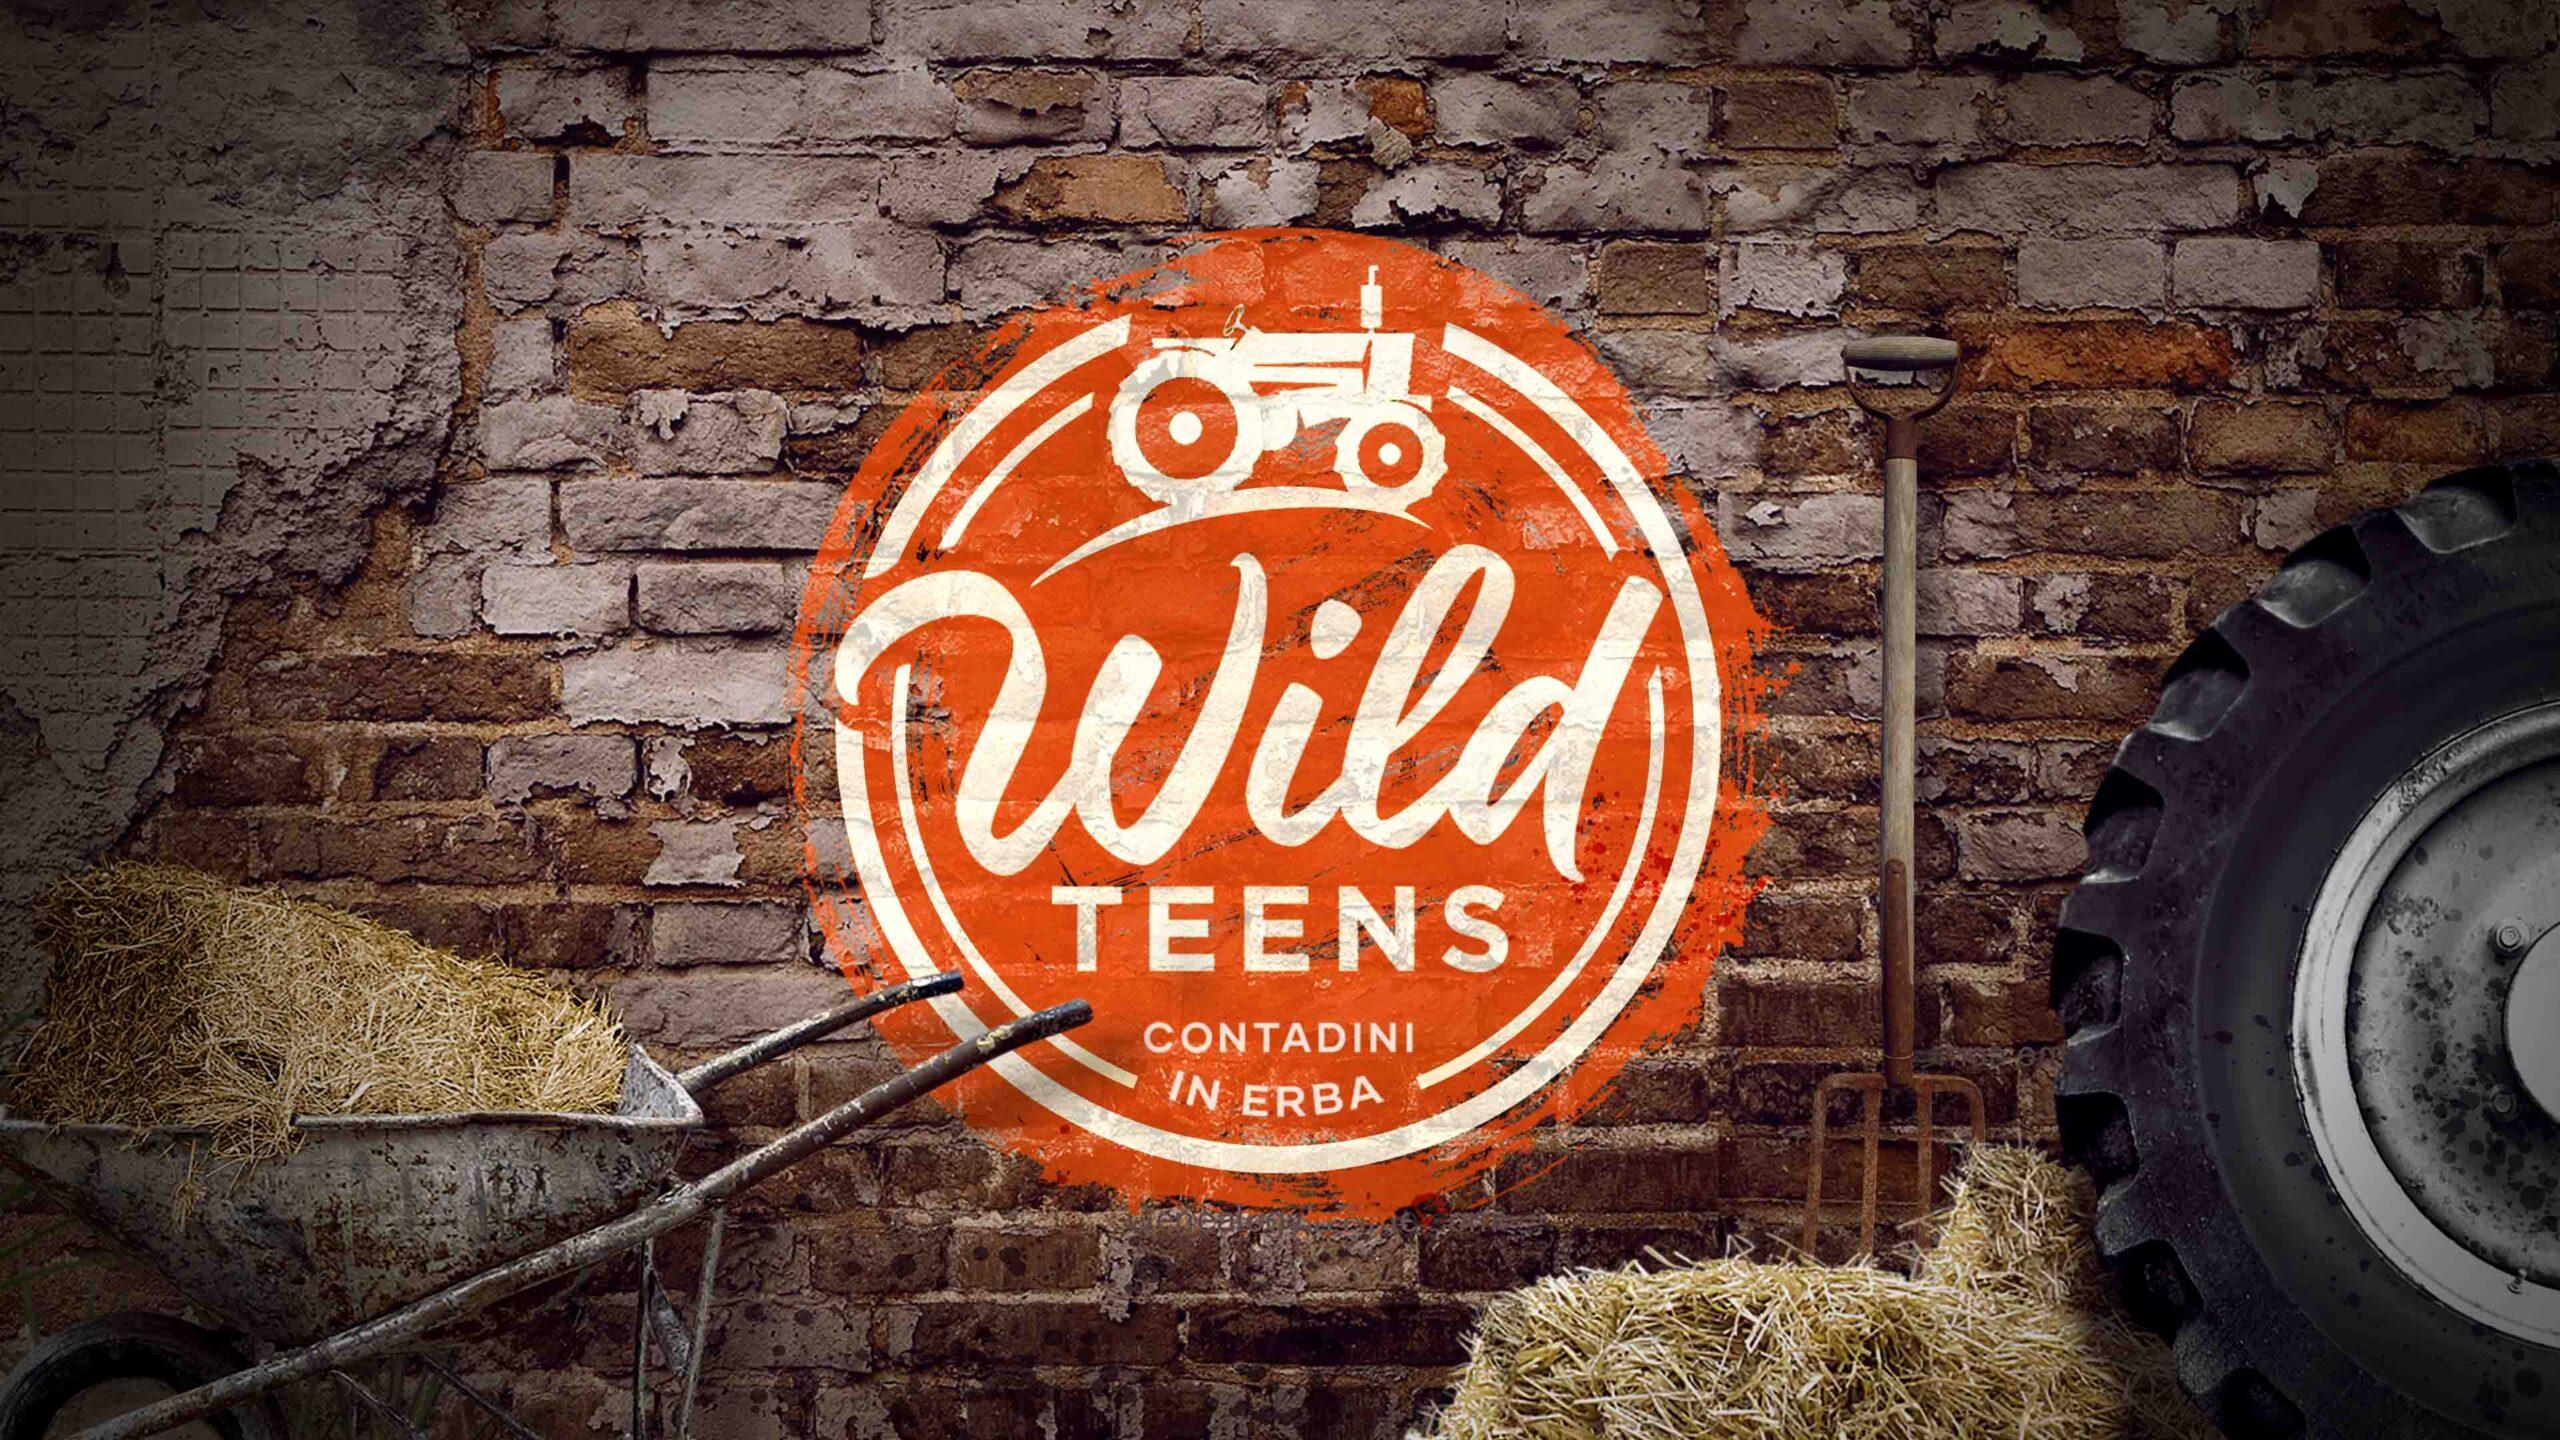 Wild Teens - Contadini in erba è il nuovo programma in onda su Nove all'inizio del 2022